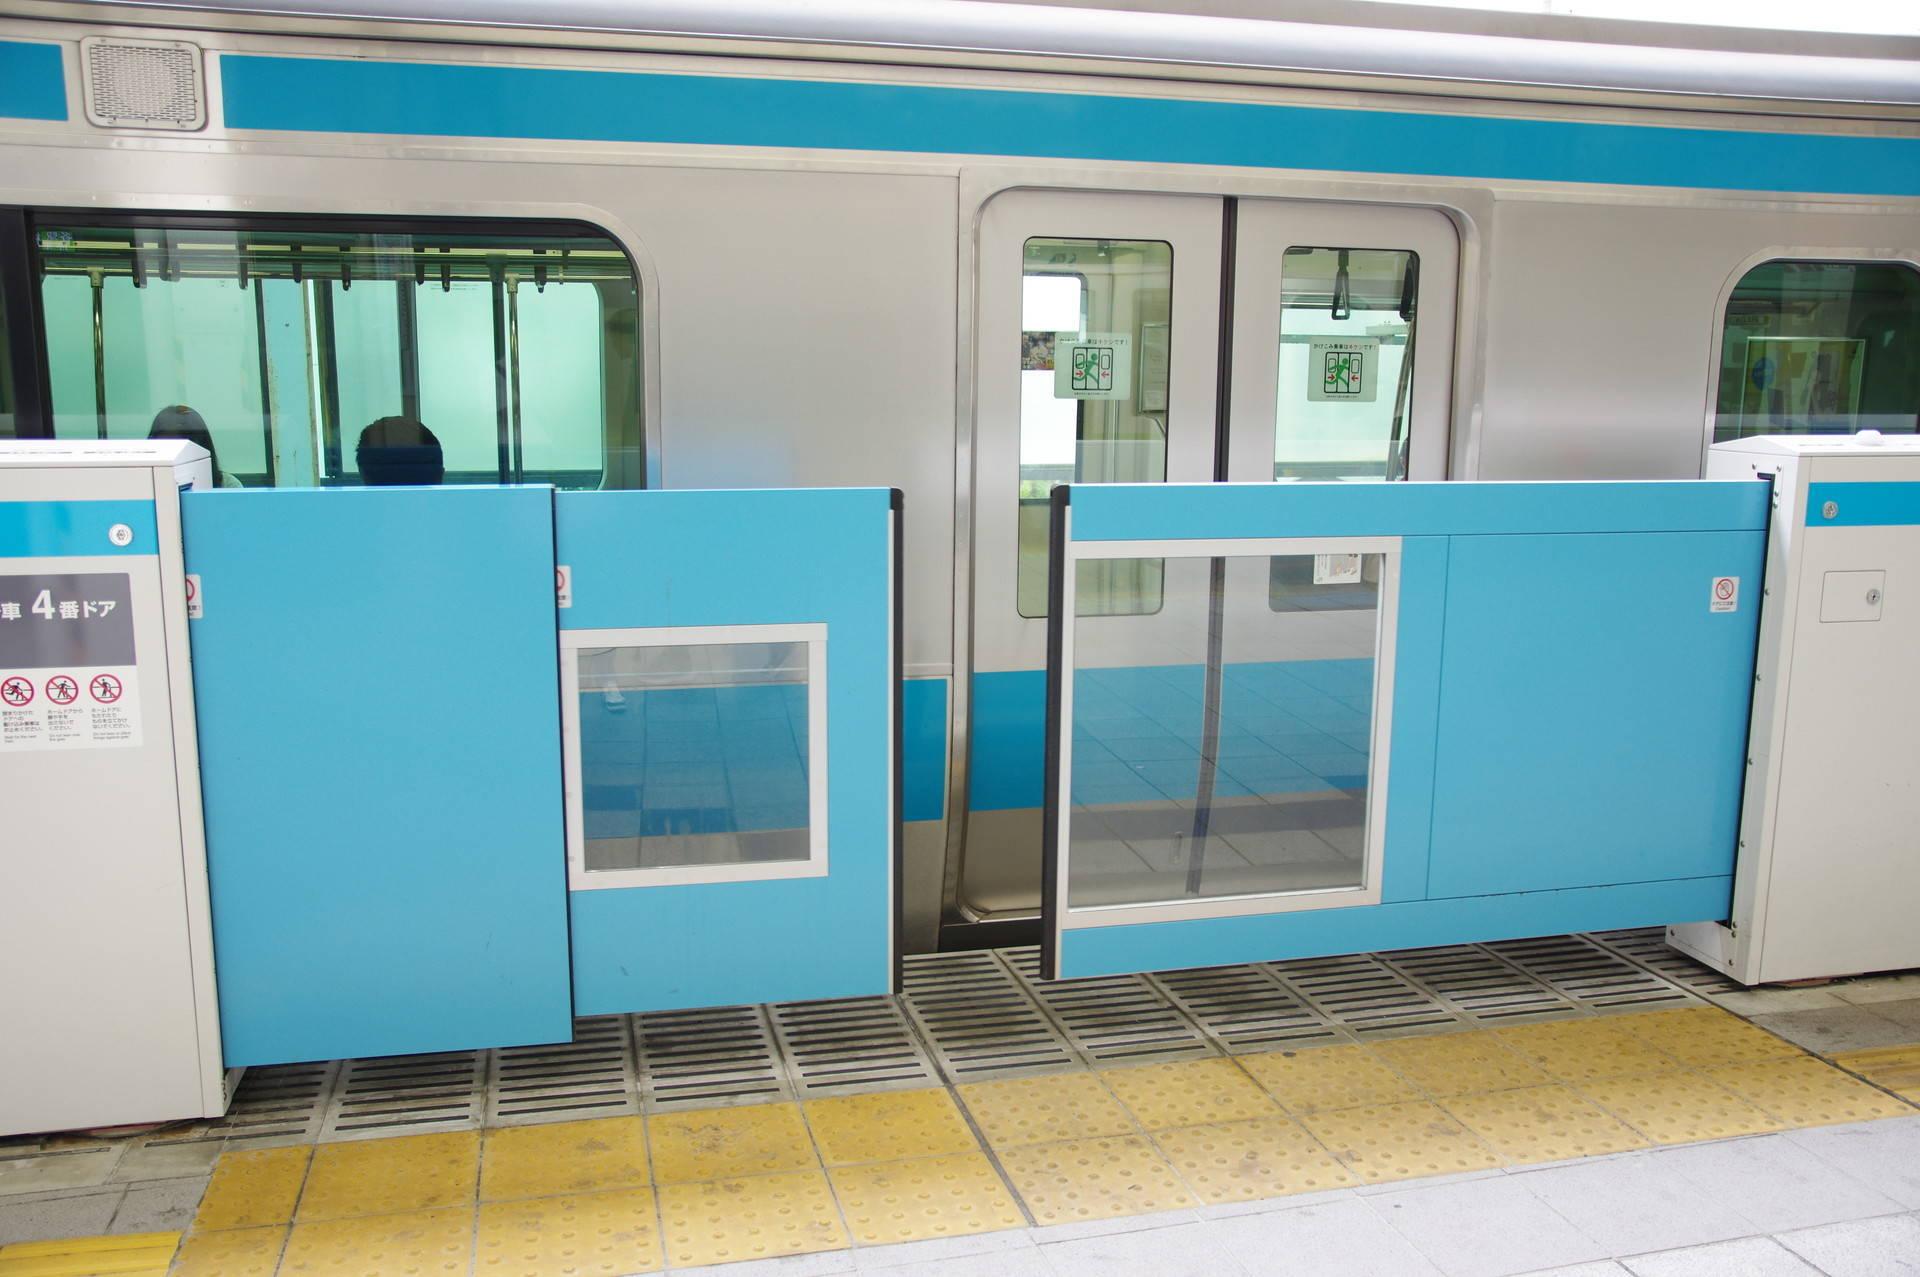 開閉中の多段式ホームドアと、京浜東北線のドア